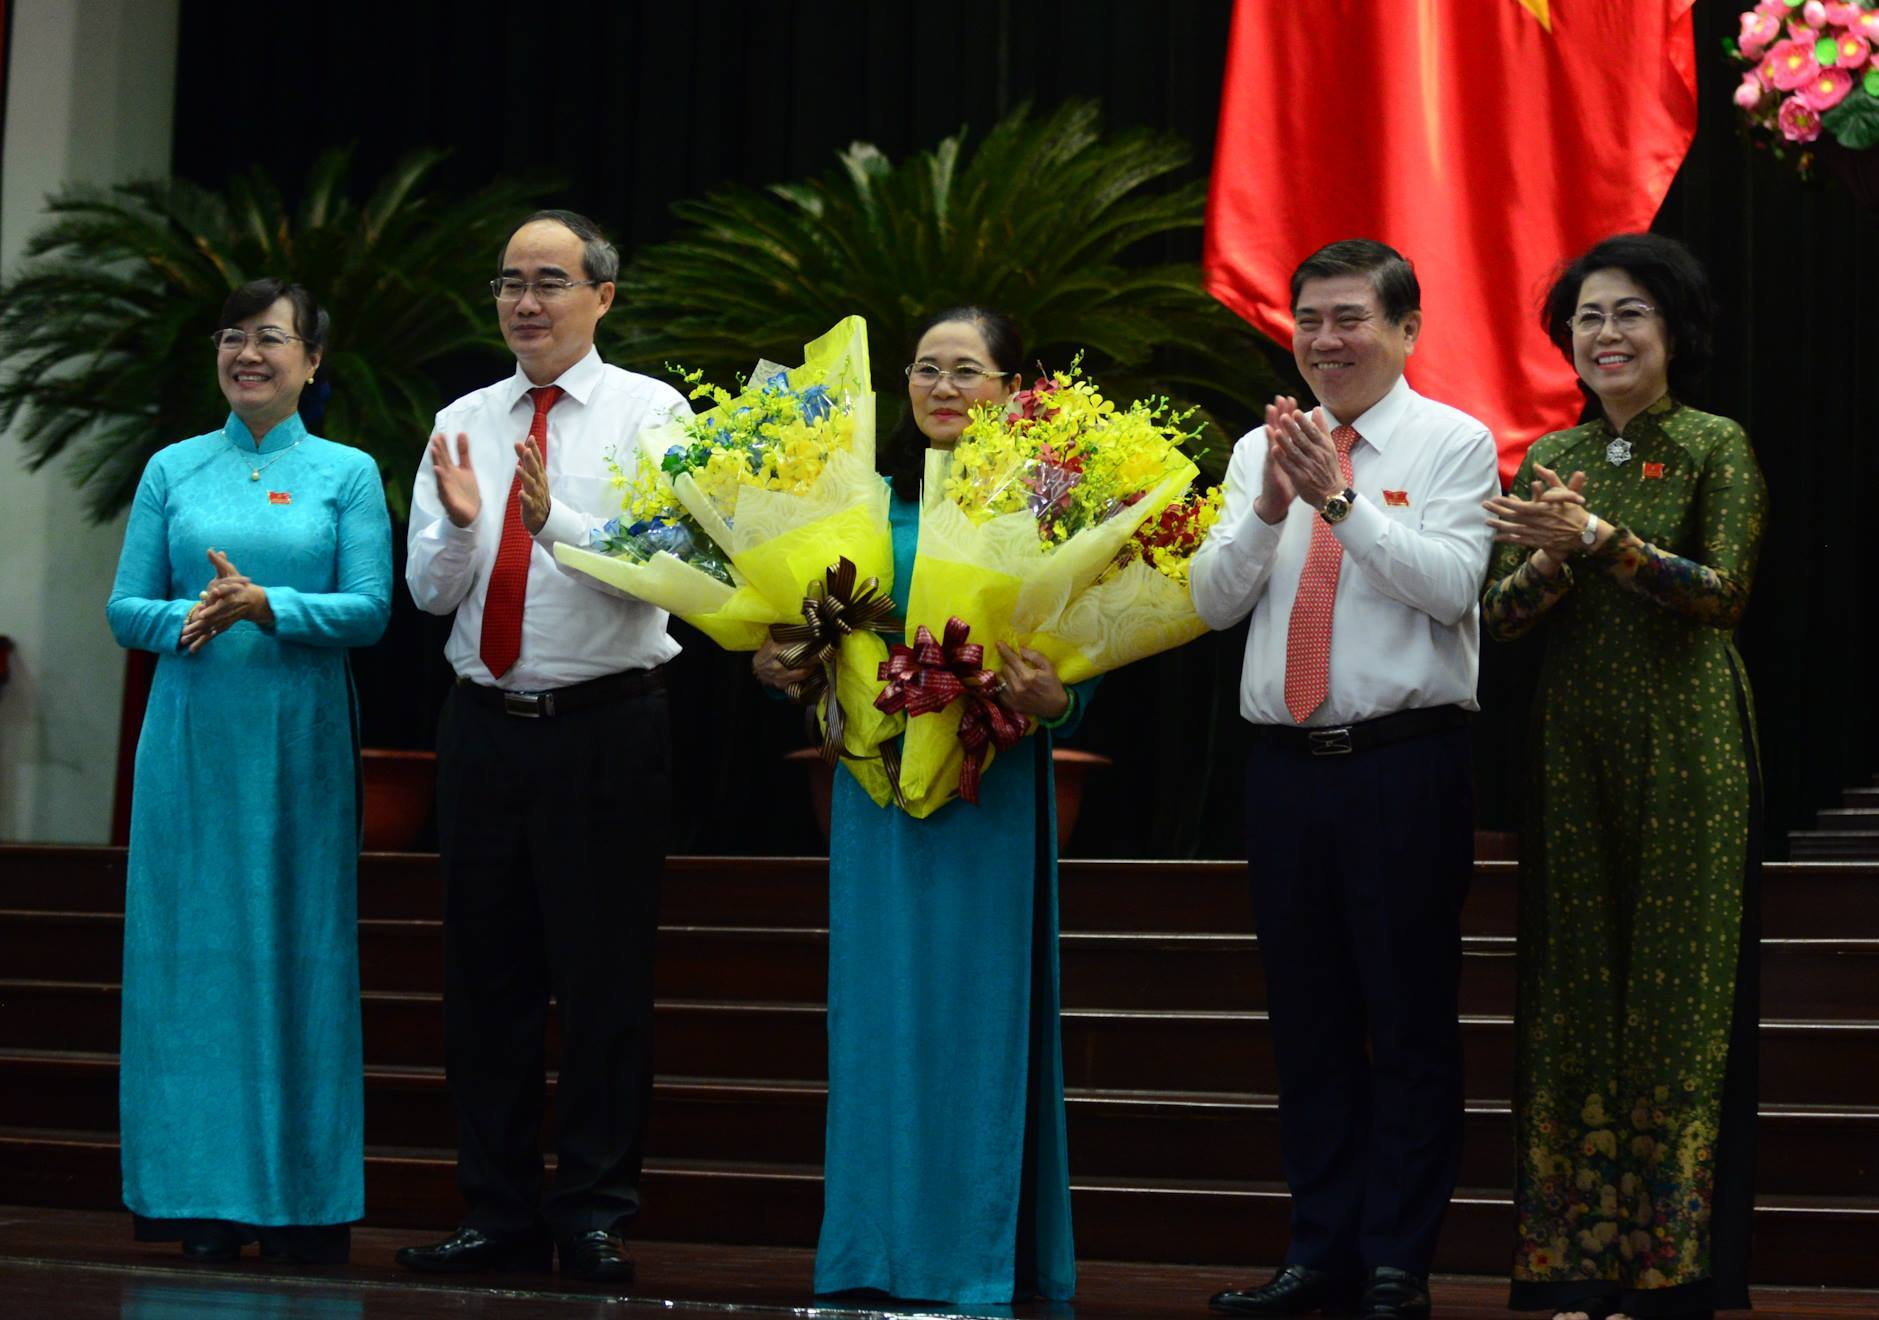 nhân sự,bổ nhiệm cán bộ,Nguyễn Thị Quyết Tâm,Nguyễn Thị Lệ,TP.HCM